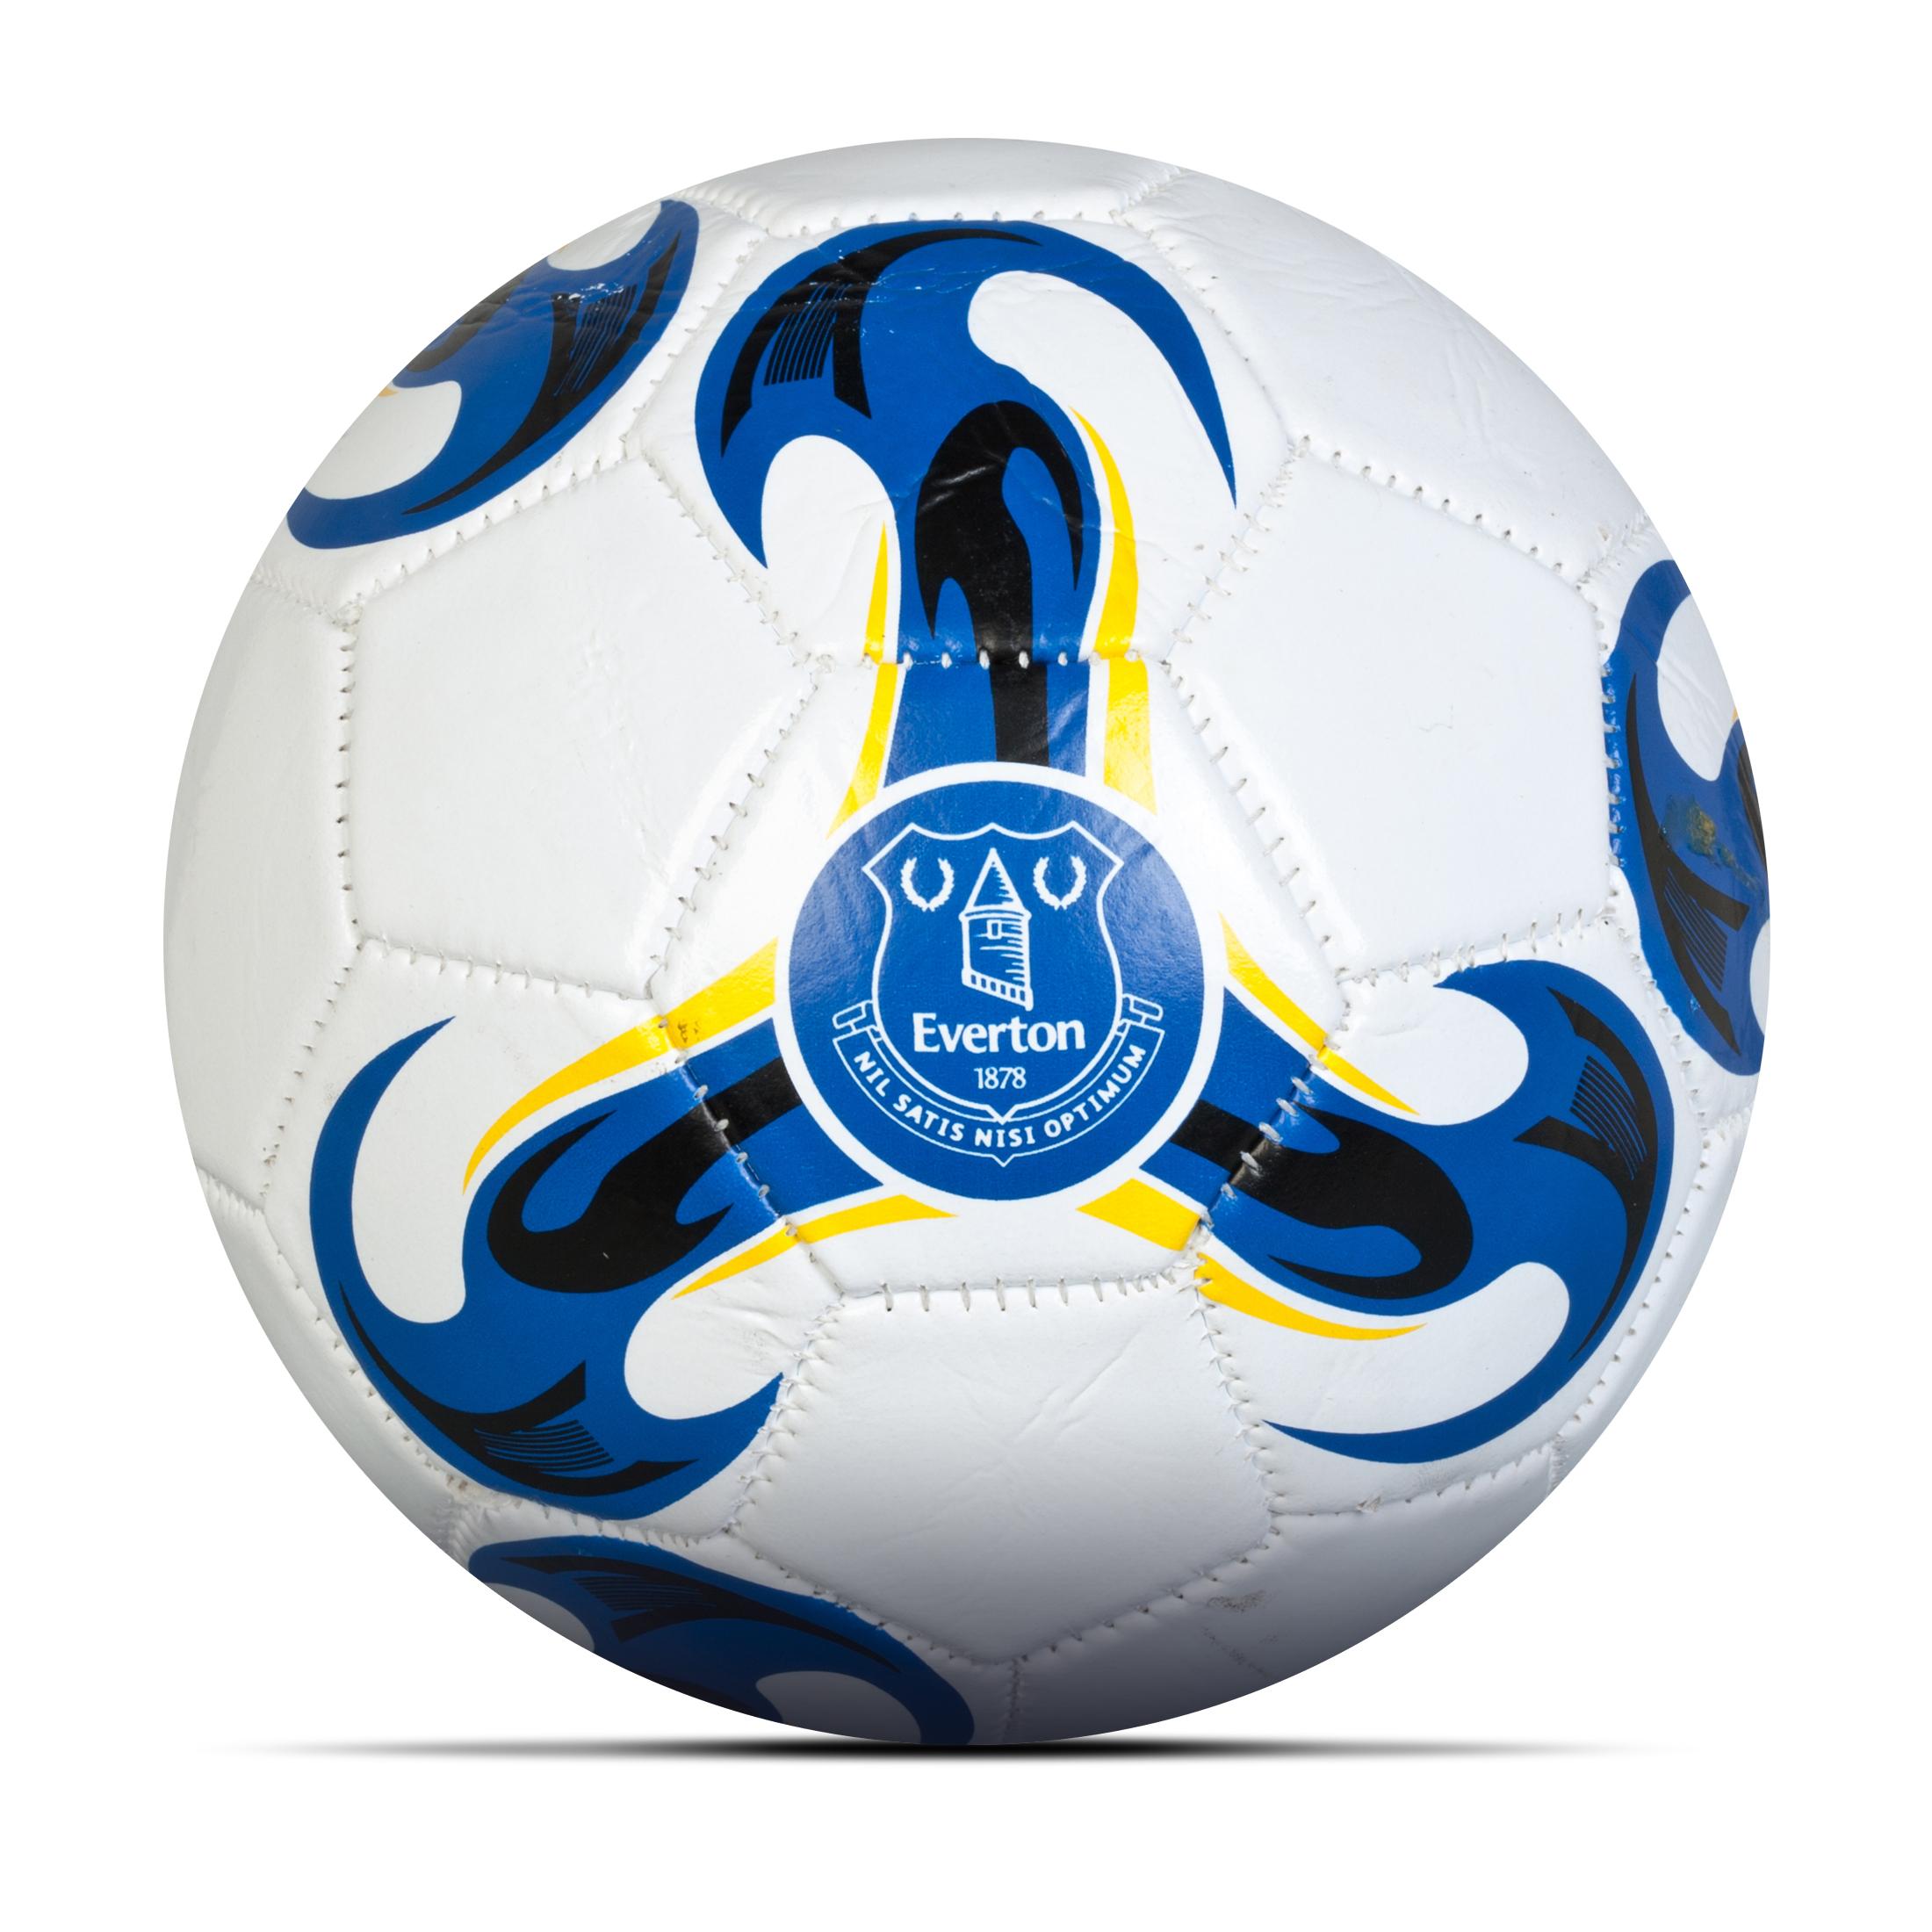 Everton Football - Size 2 - White/ Royal